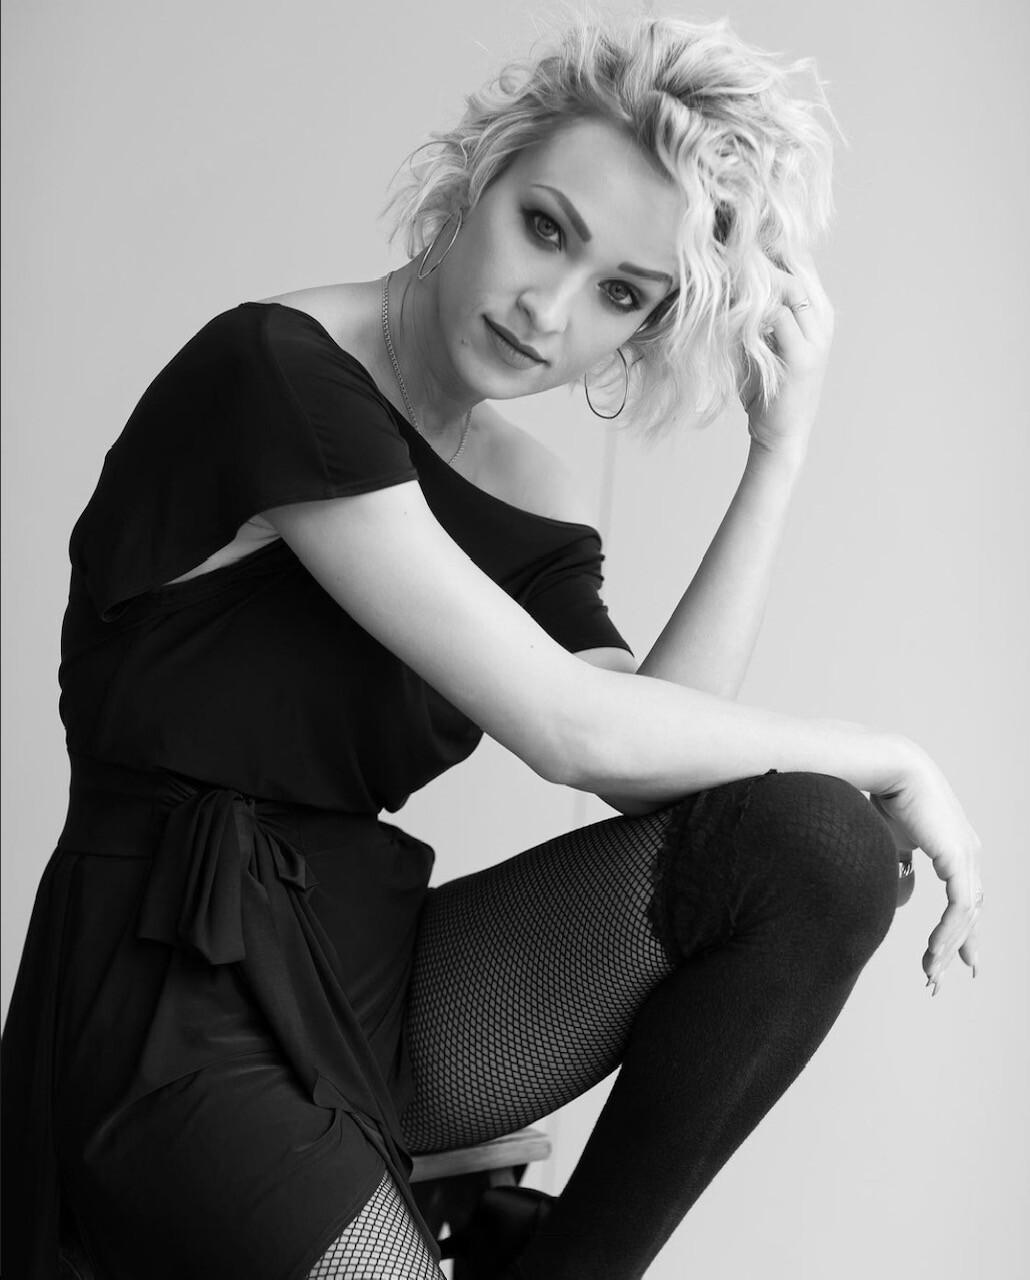 Khrystyna Moshenskaya